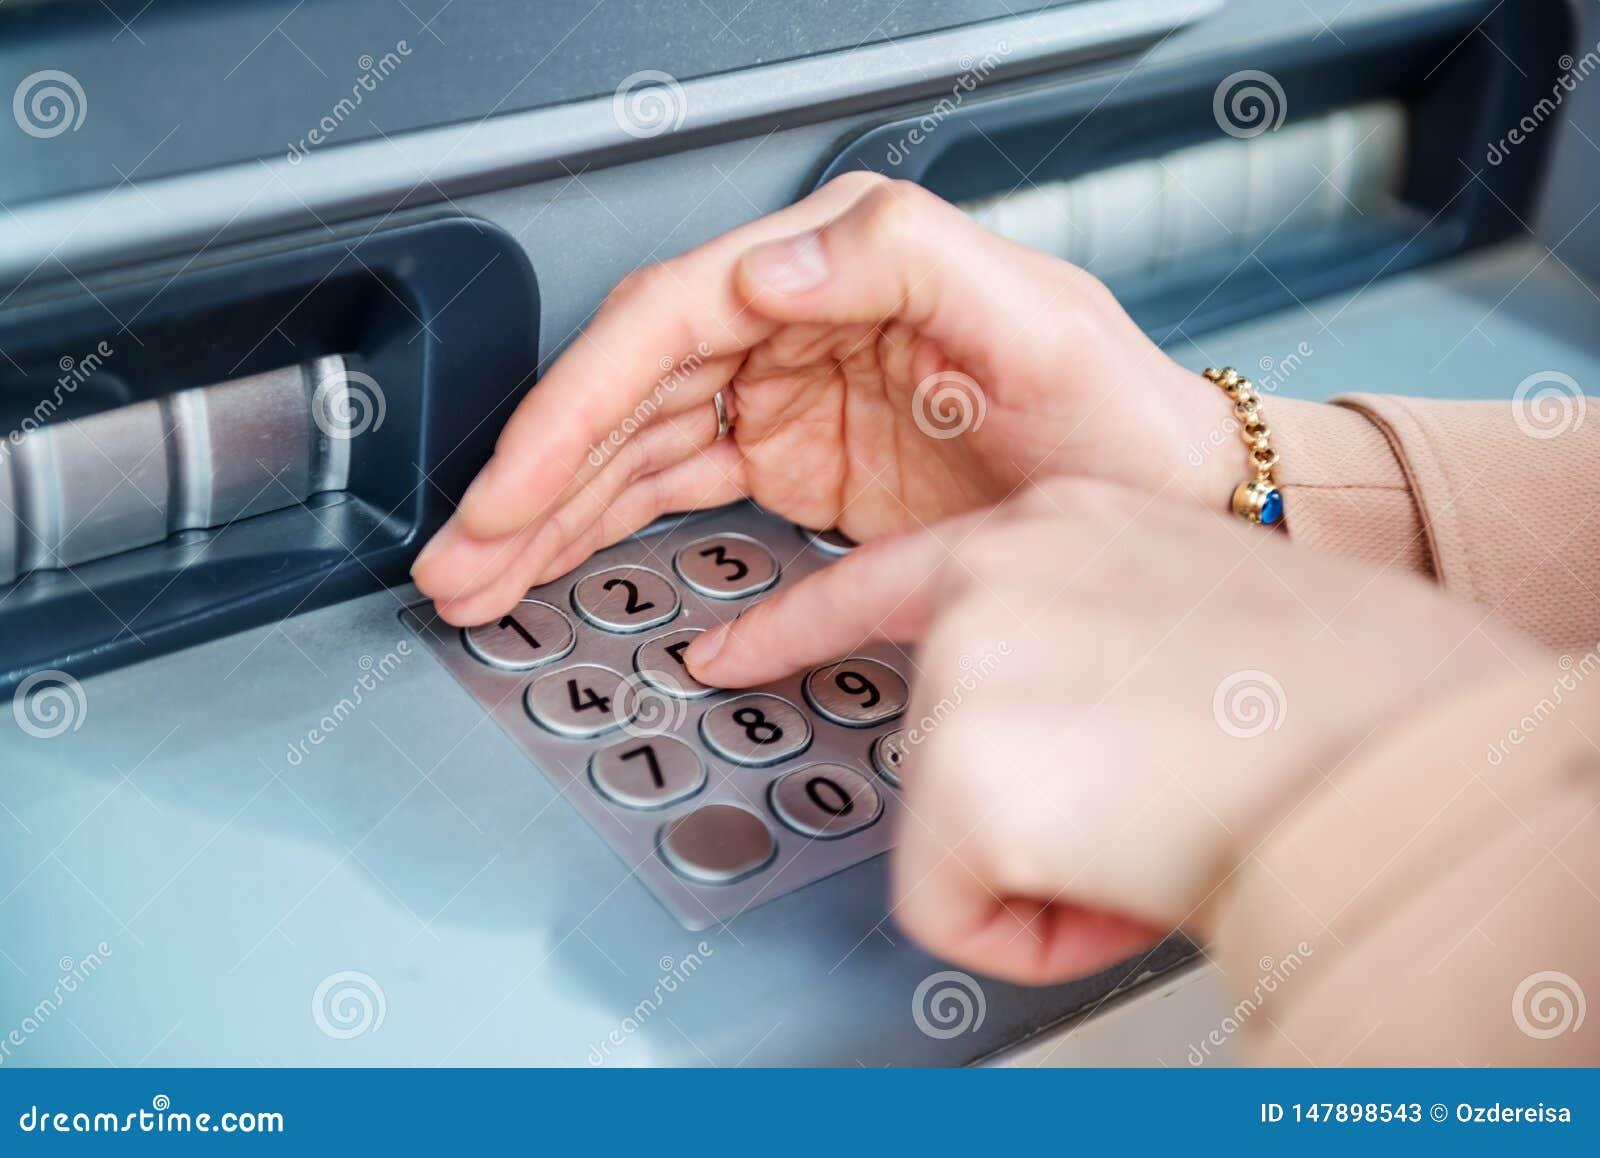 χέρι γυναικών χρησιμοποιώντας το ATM στην οδό